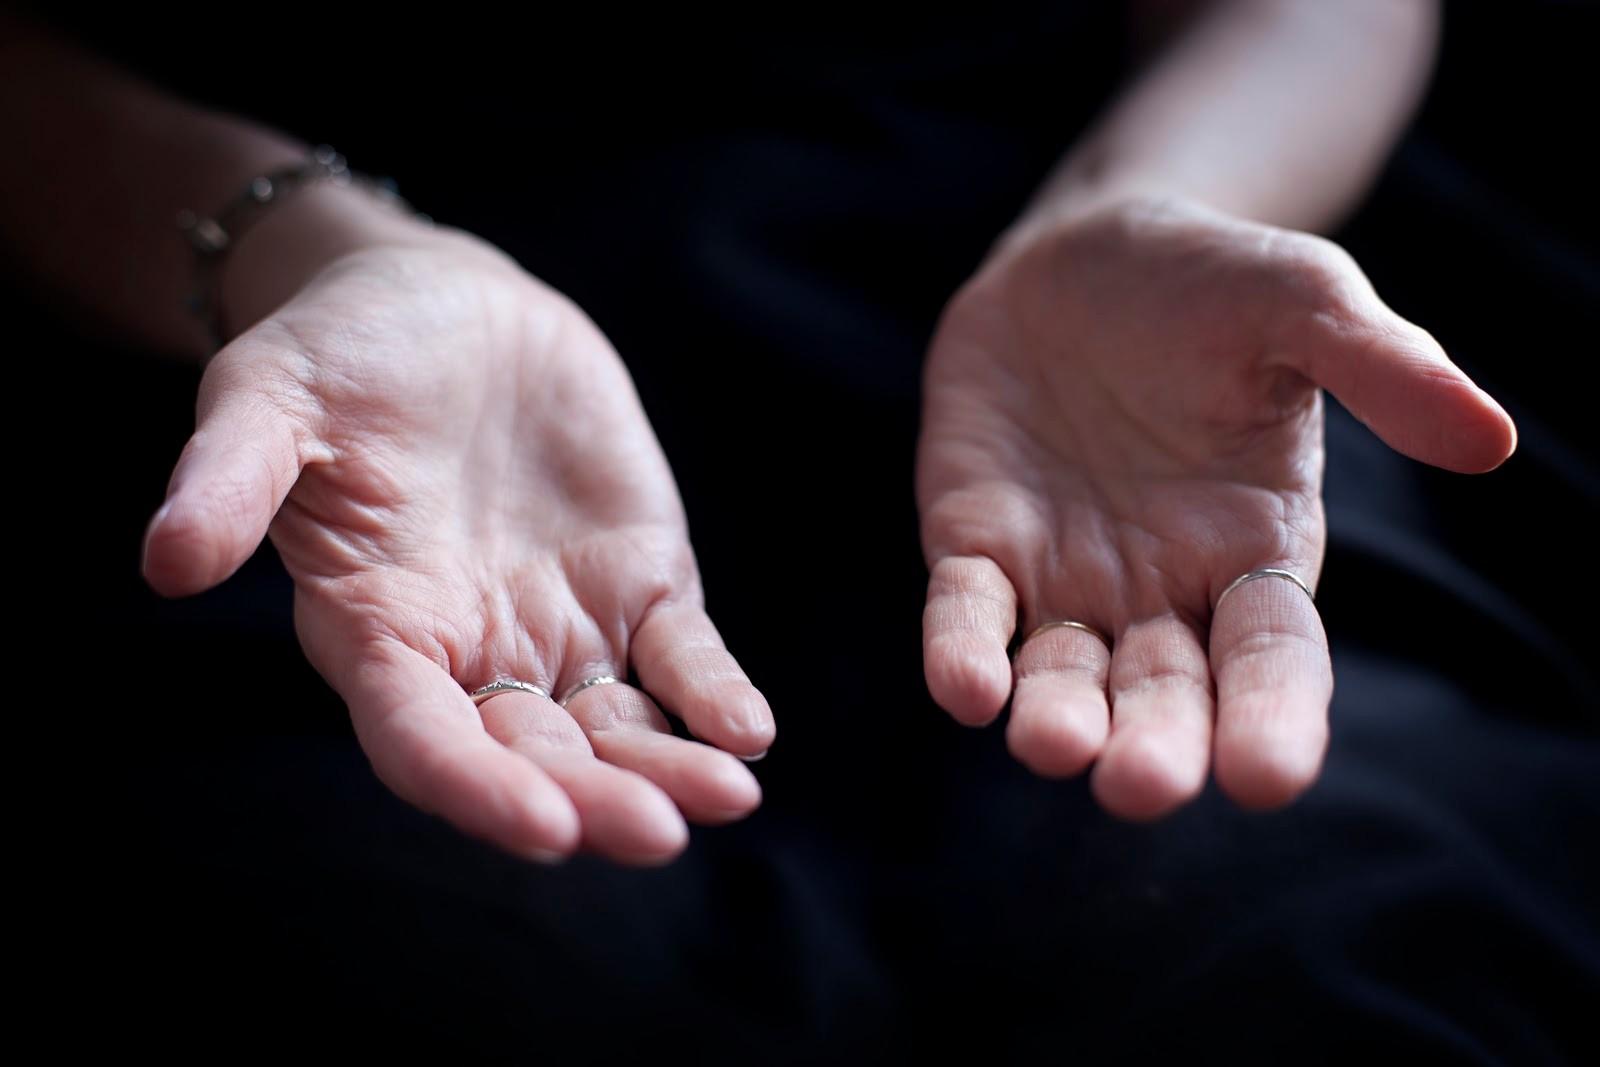 prayer-open-hands.jpg